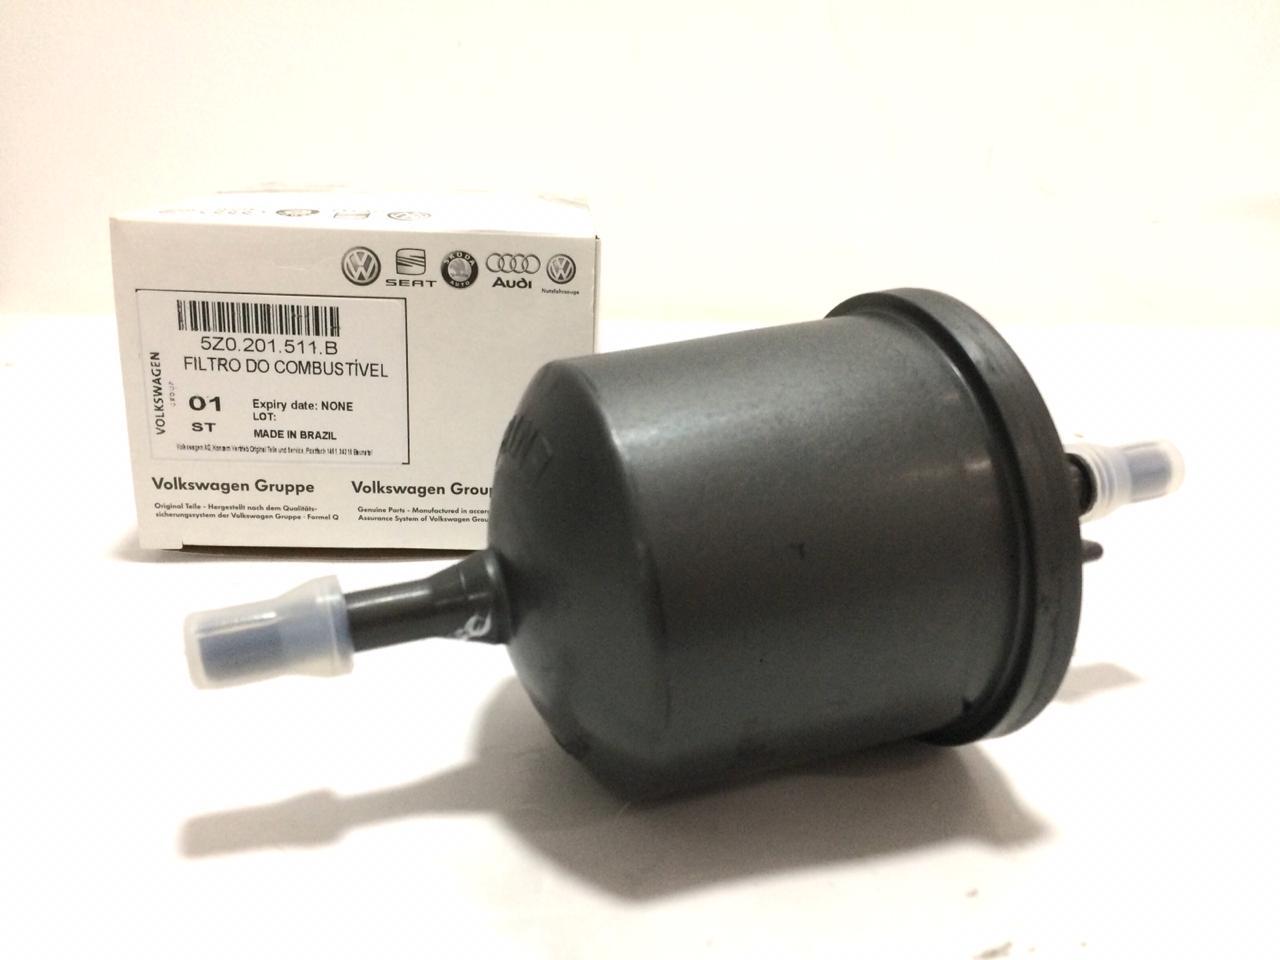 Filtro De Combustível Volkswagen Fox Spacefox 5Z0201511B